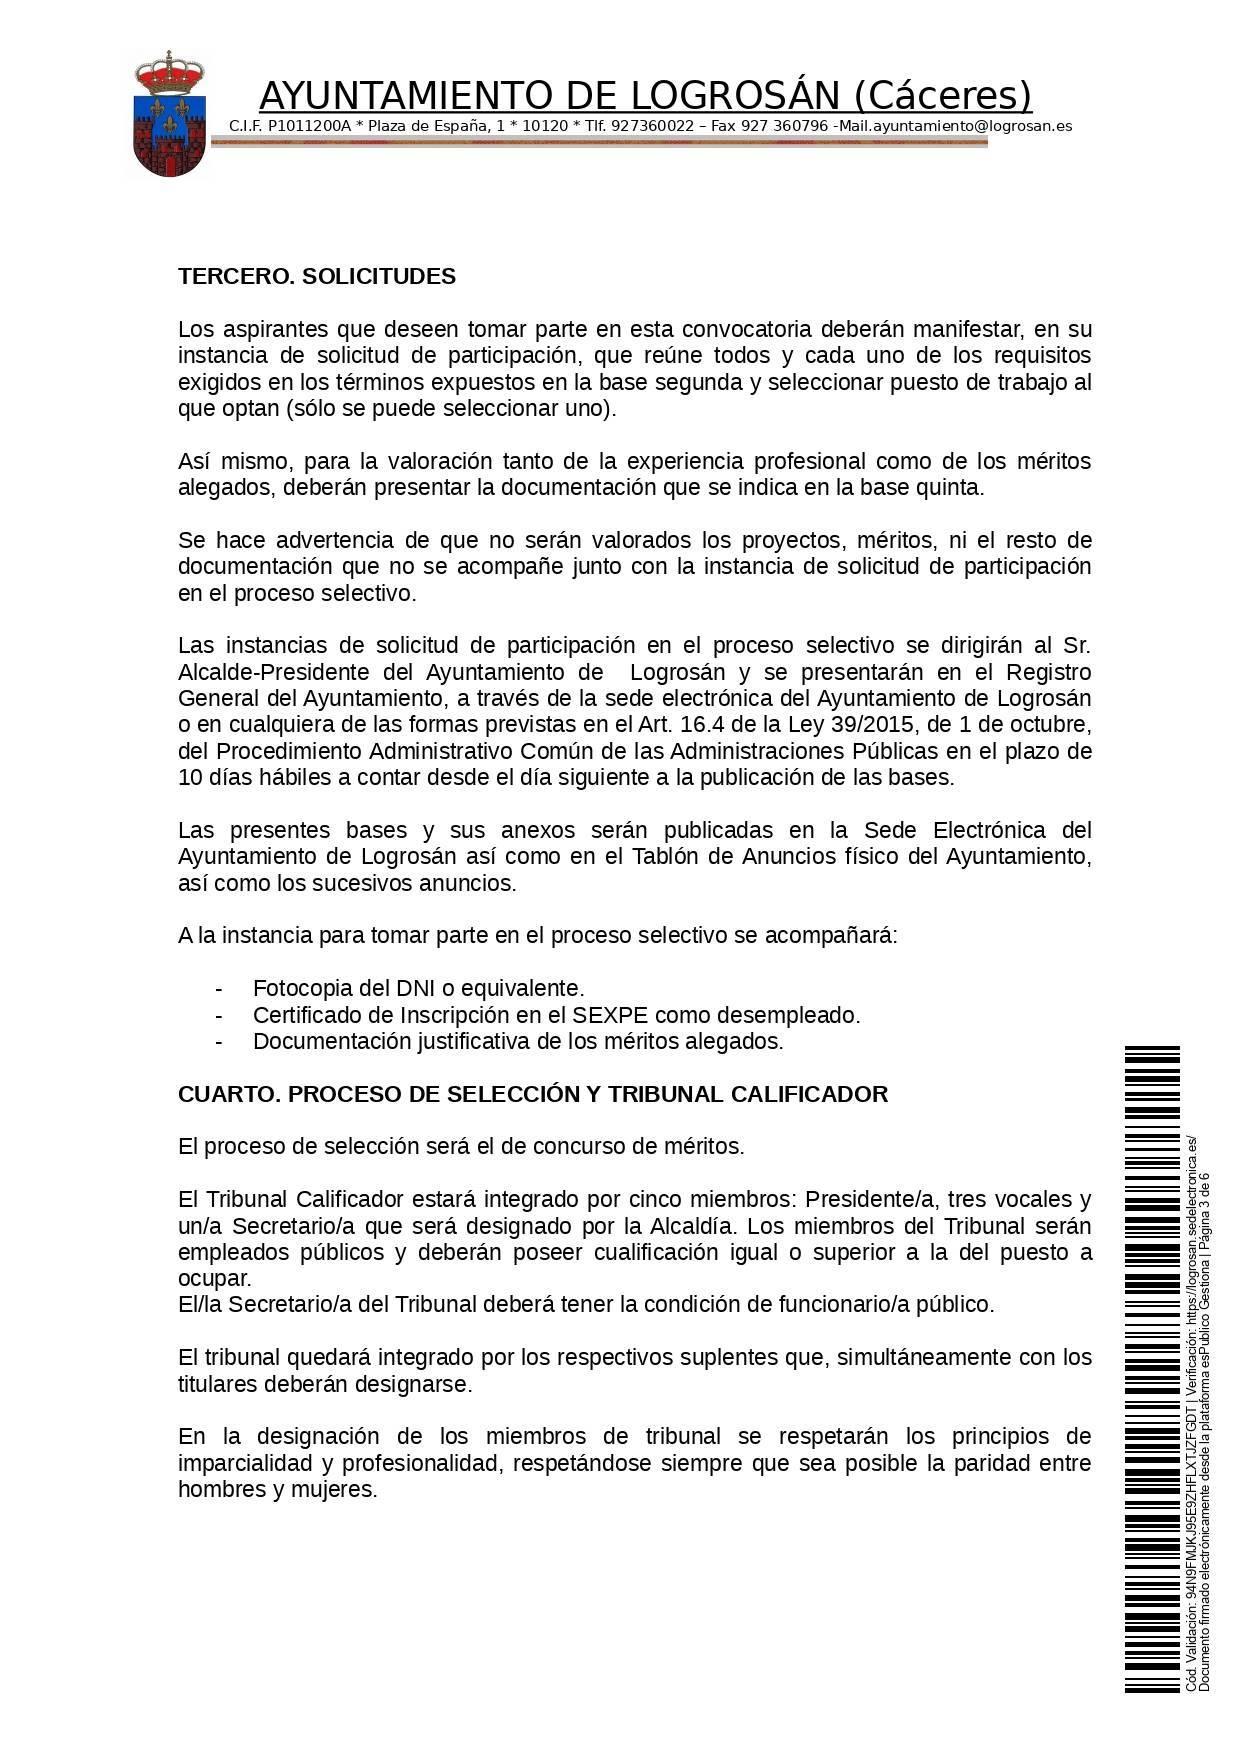 Bases para 8 puestos de trabajo (2021) - Logrosán (Cáceres) 3